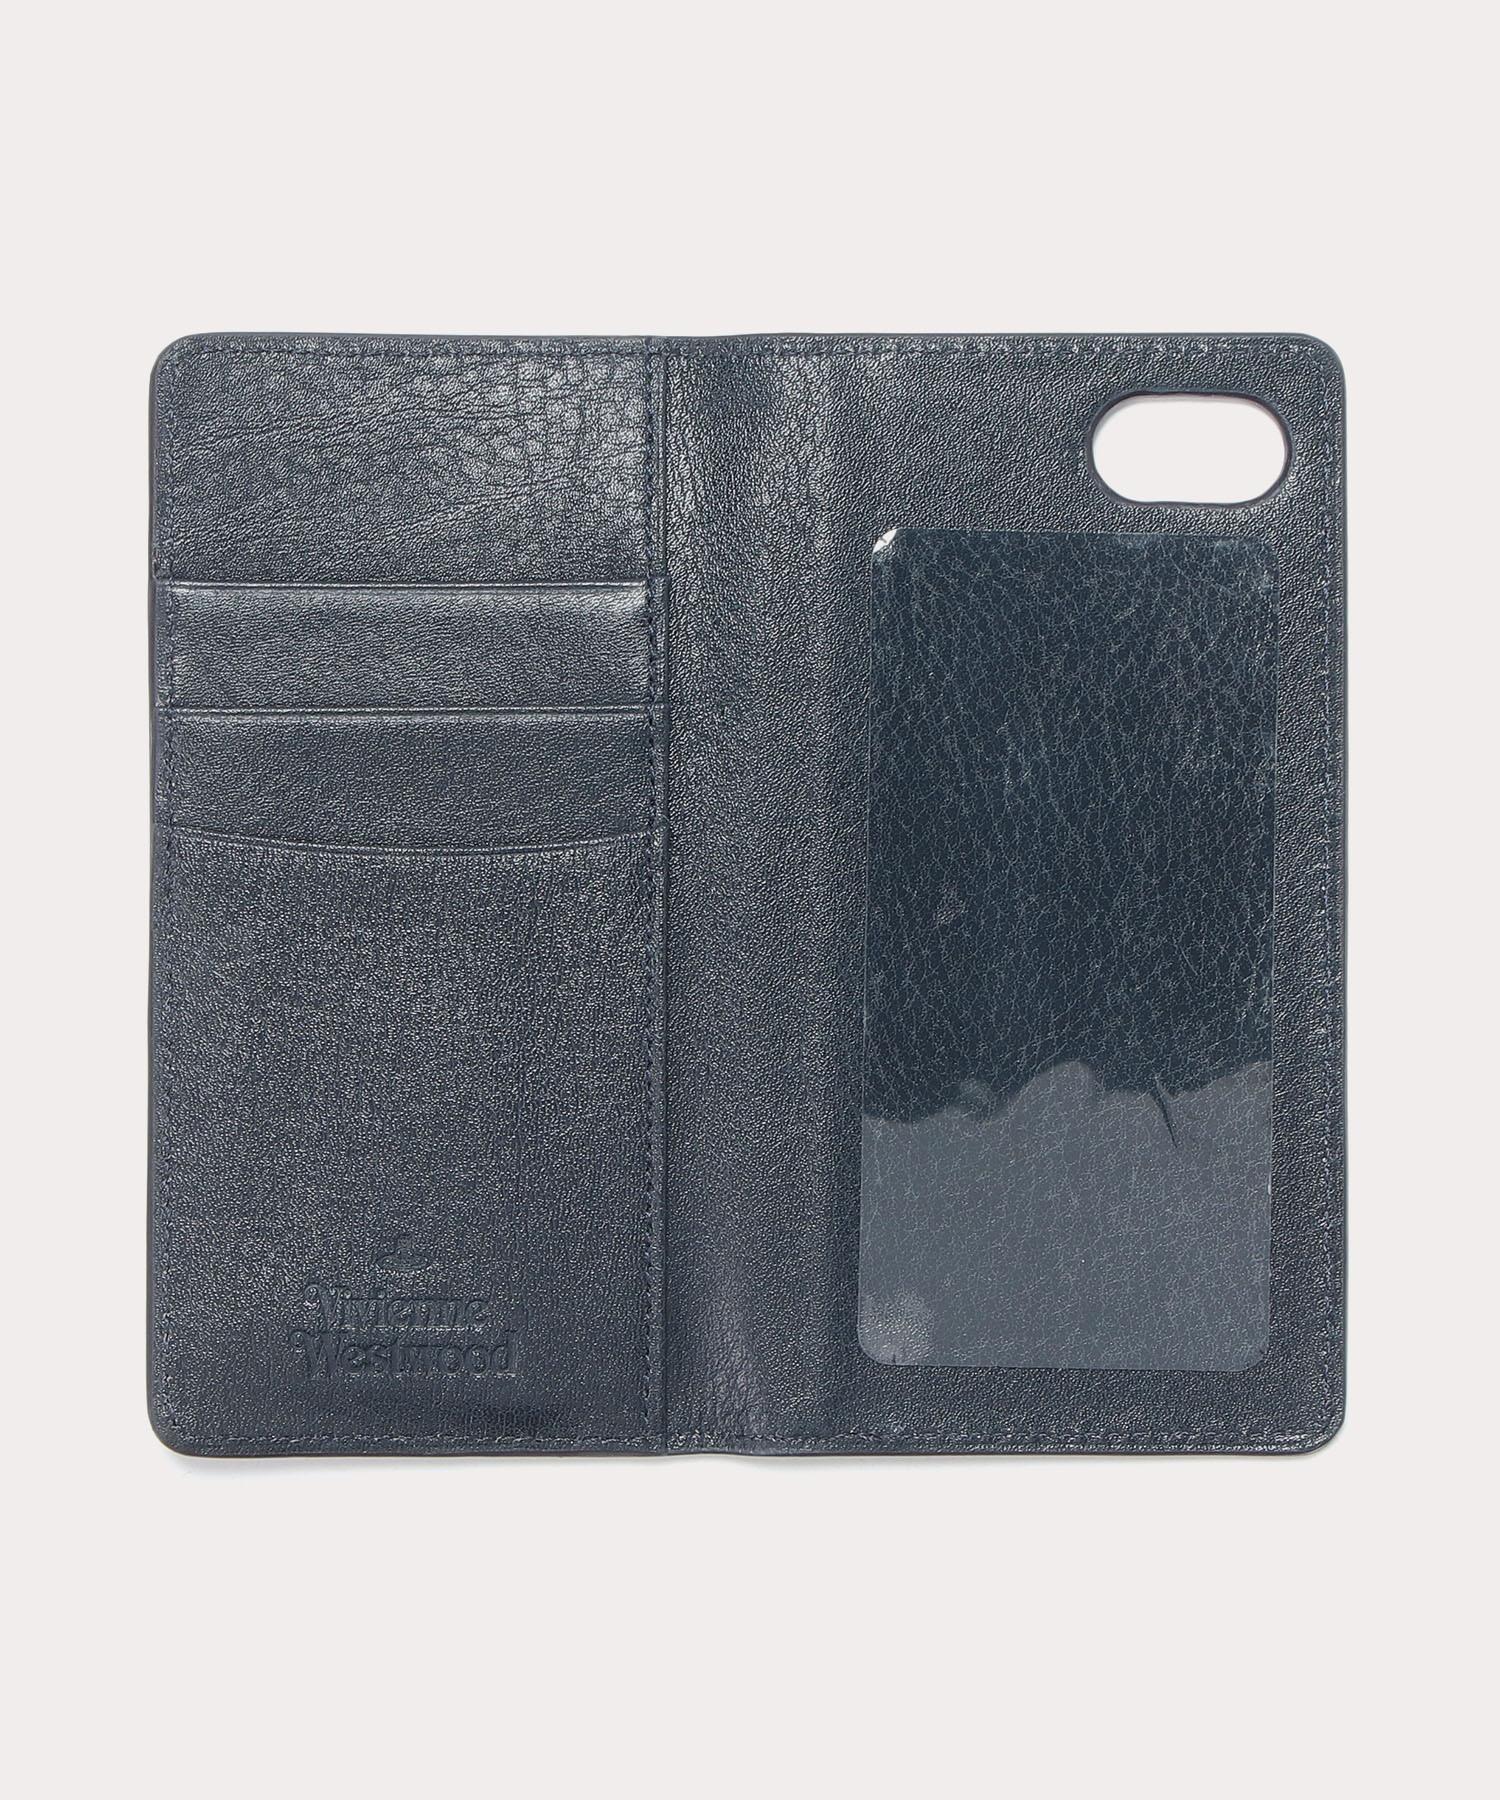 【iPhone 7/8用】ORBスタンダード スマホケース